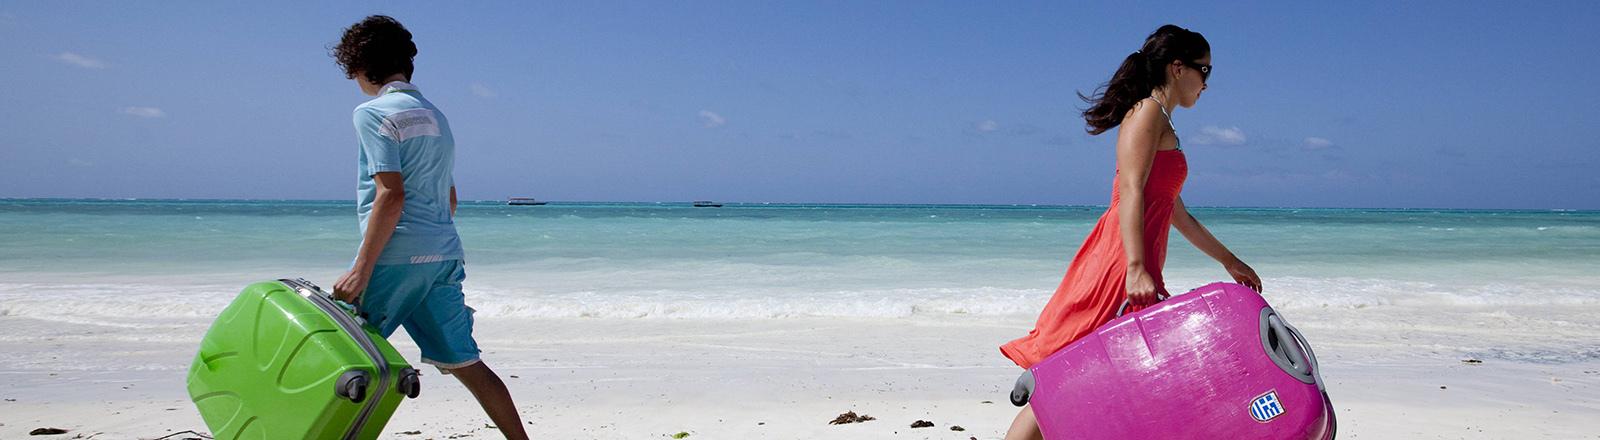 Zwei Menschen am Strand gehen in verschiedene Richtungen.